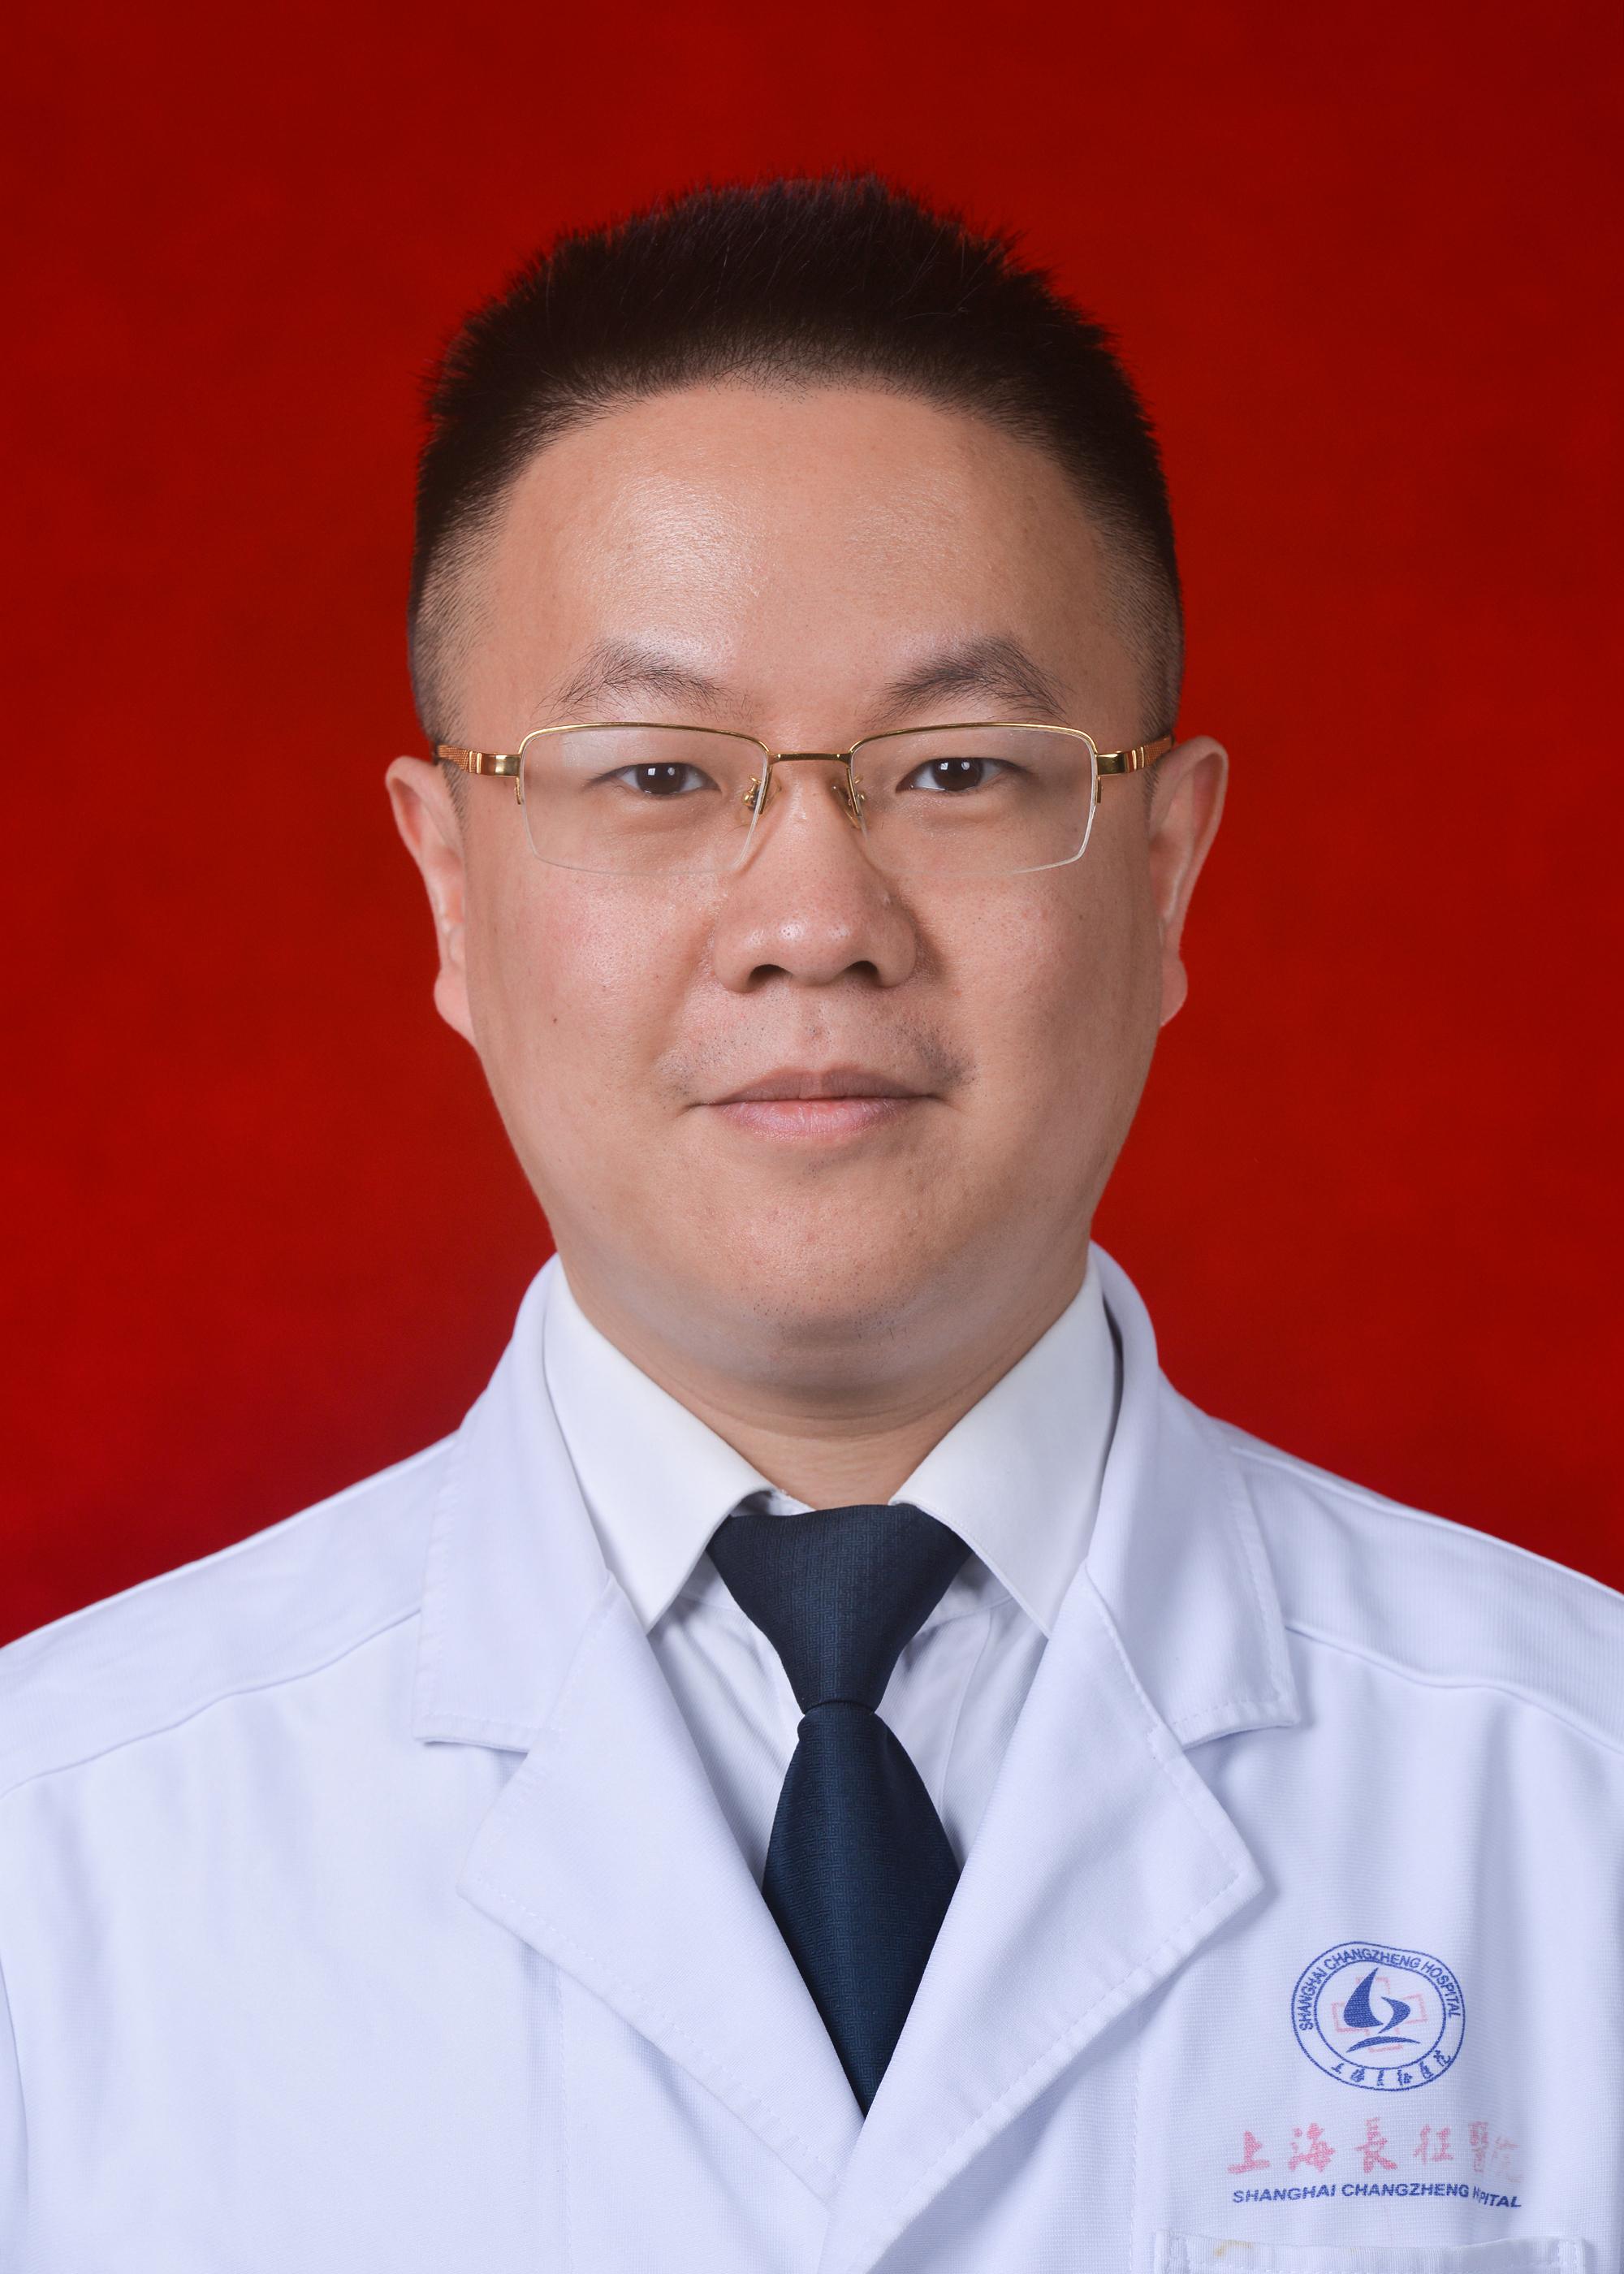 全軍器官移植研究所所長、海軍軍醫大學附屬長征醫院器官移植暨肝臟外科主任、上海市胰島移植臨床質控暨培訓基地主任殷浩。